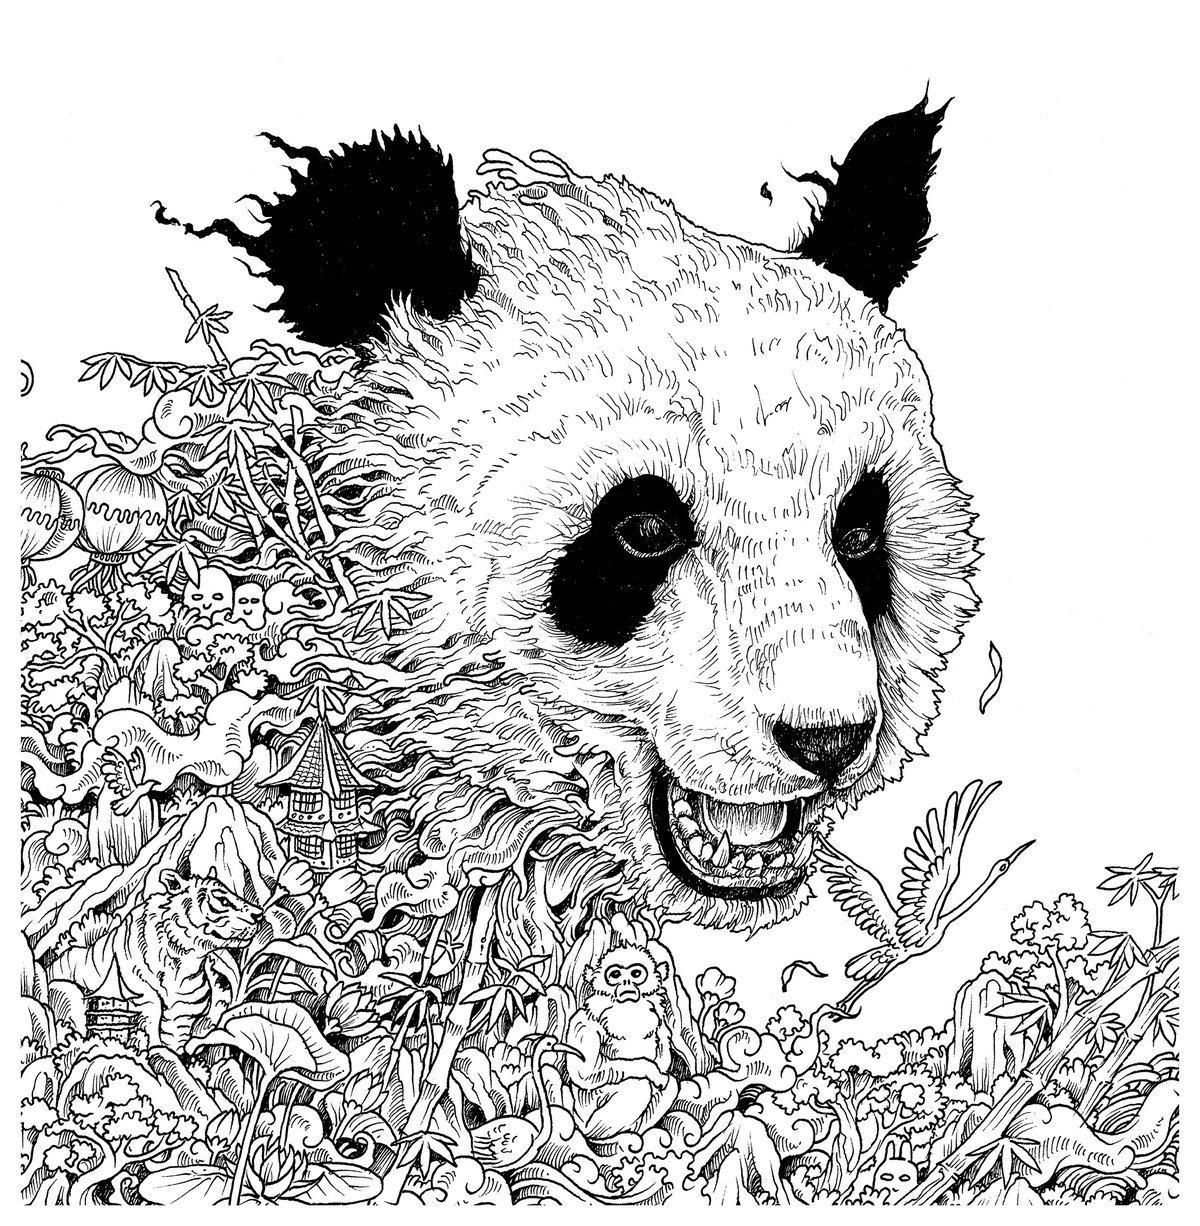 картинки антистресс панда распечатать на весь лист благодаря любителям